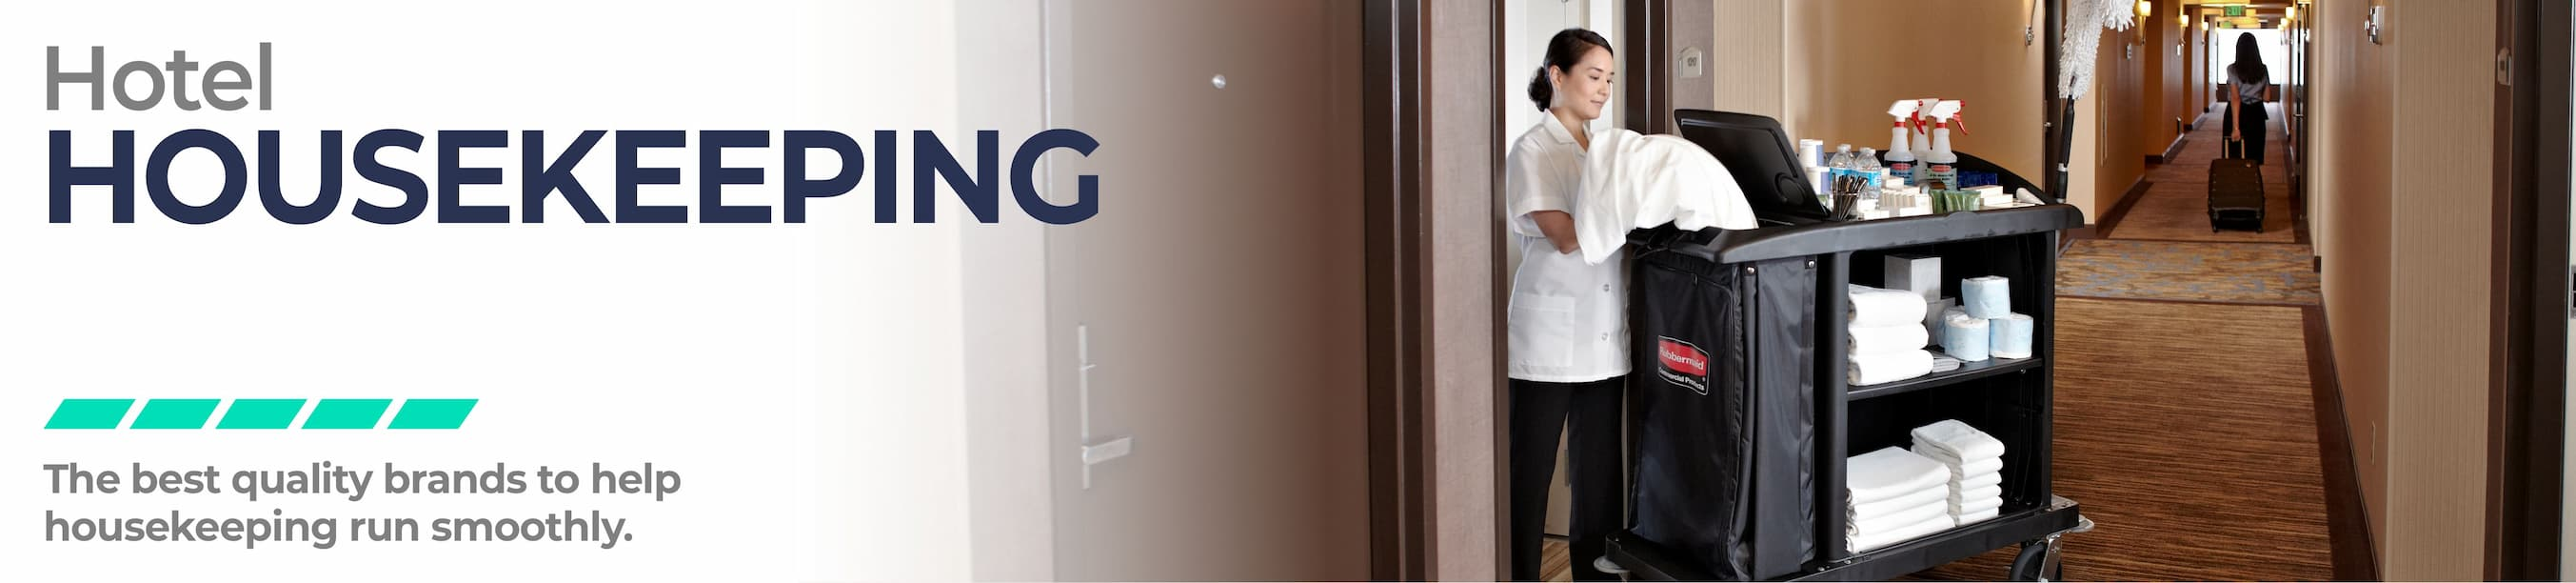 hotel-housekeeping